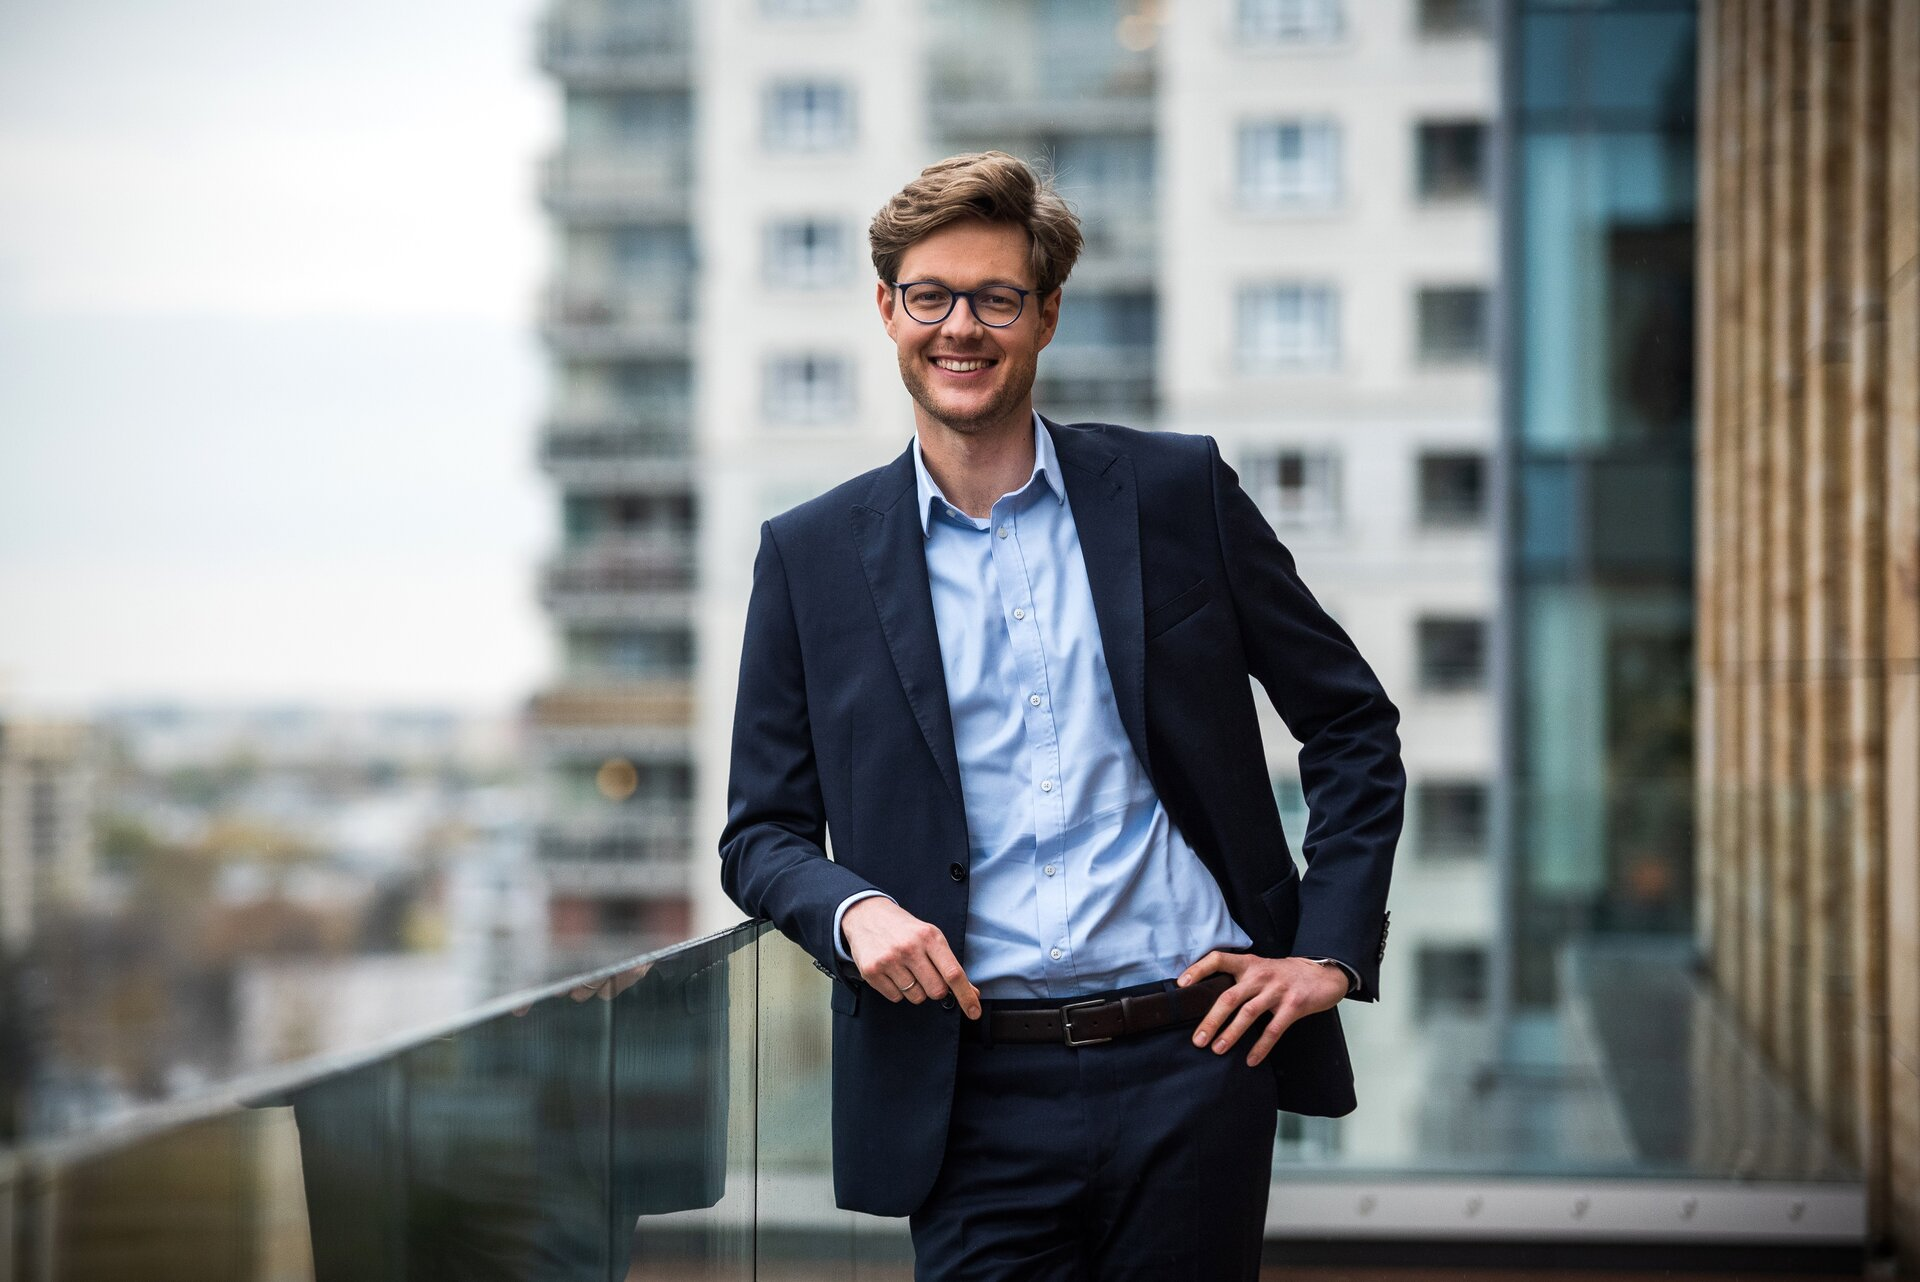 Michał_Konowrocki_Citites_Lead_Uber_CEE